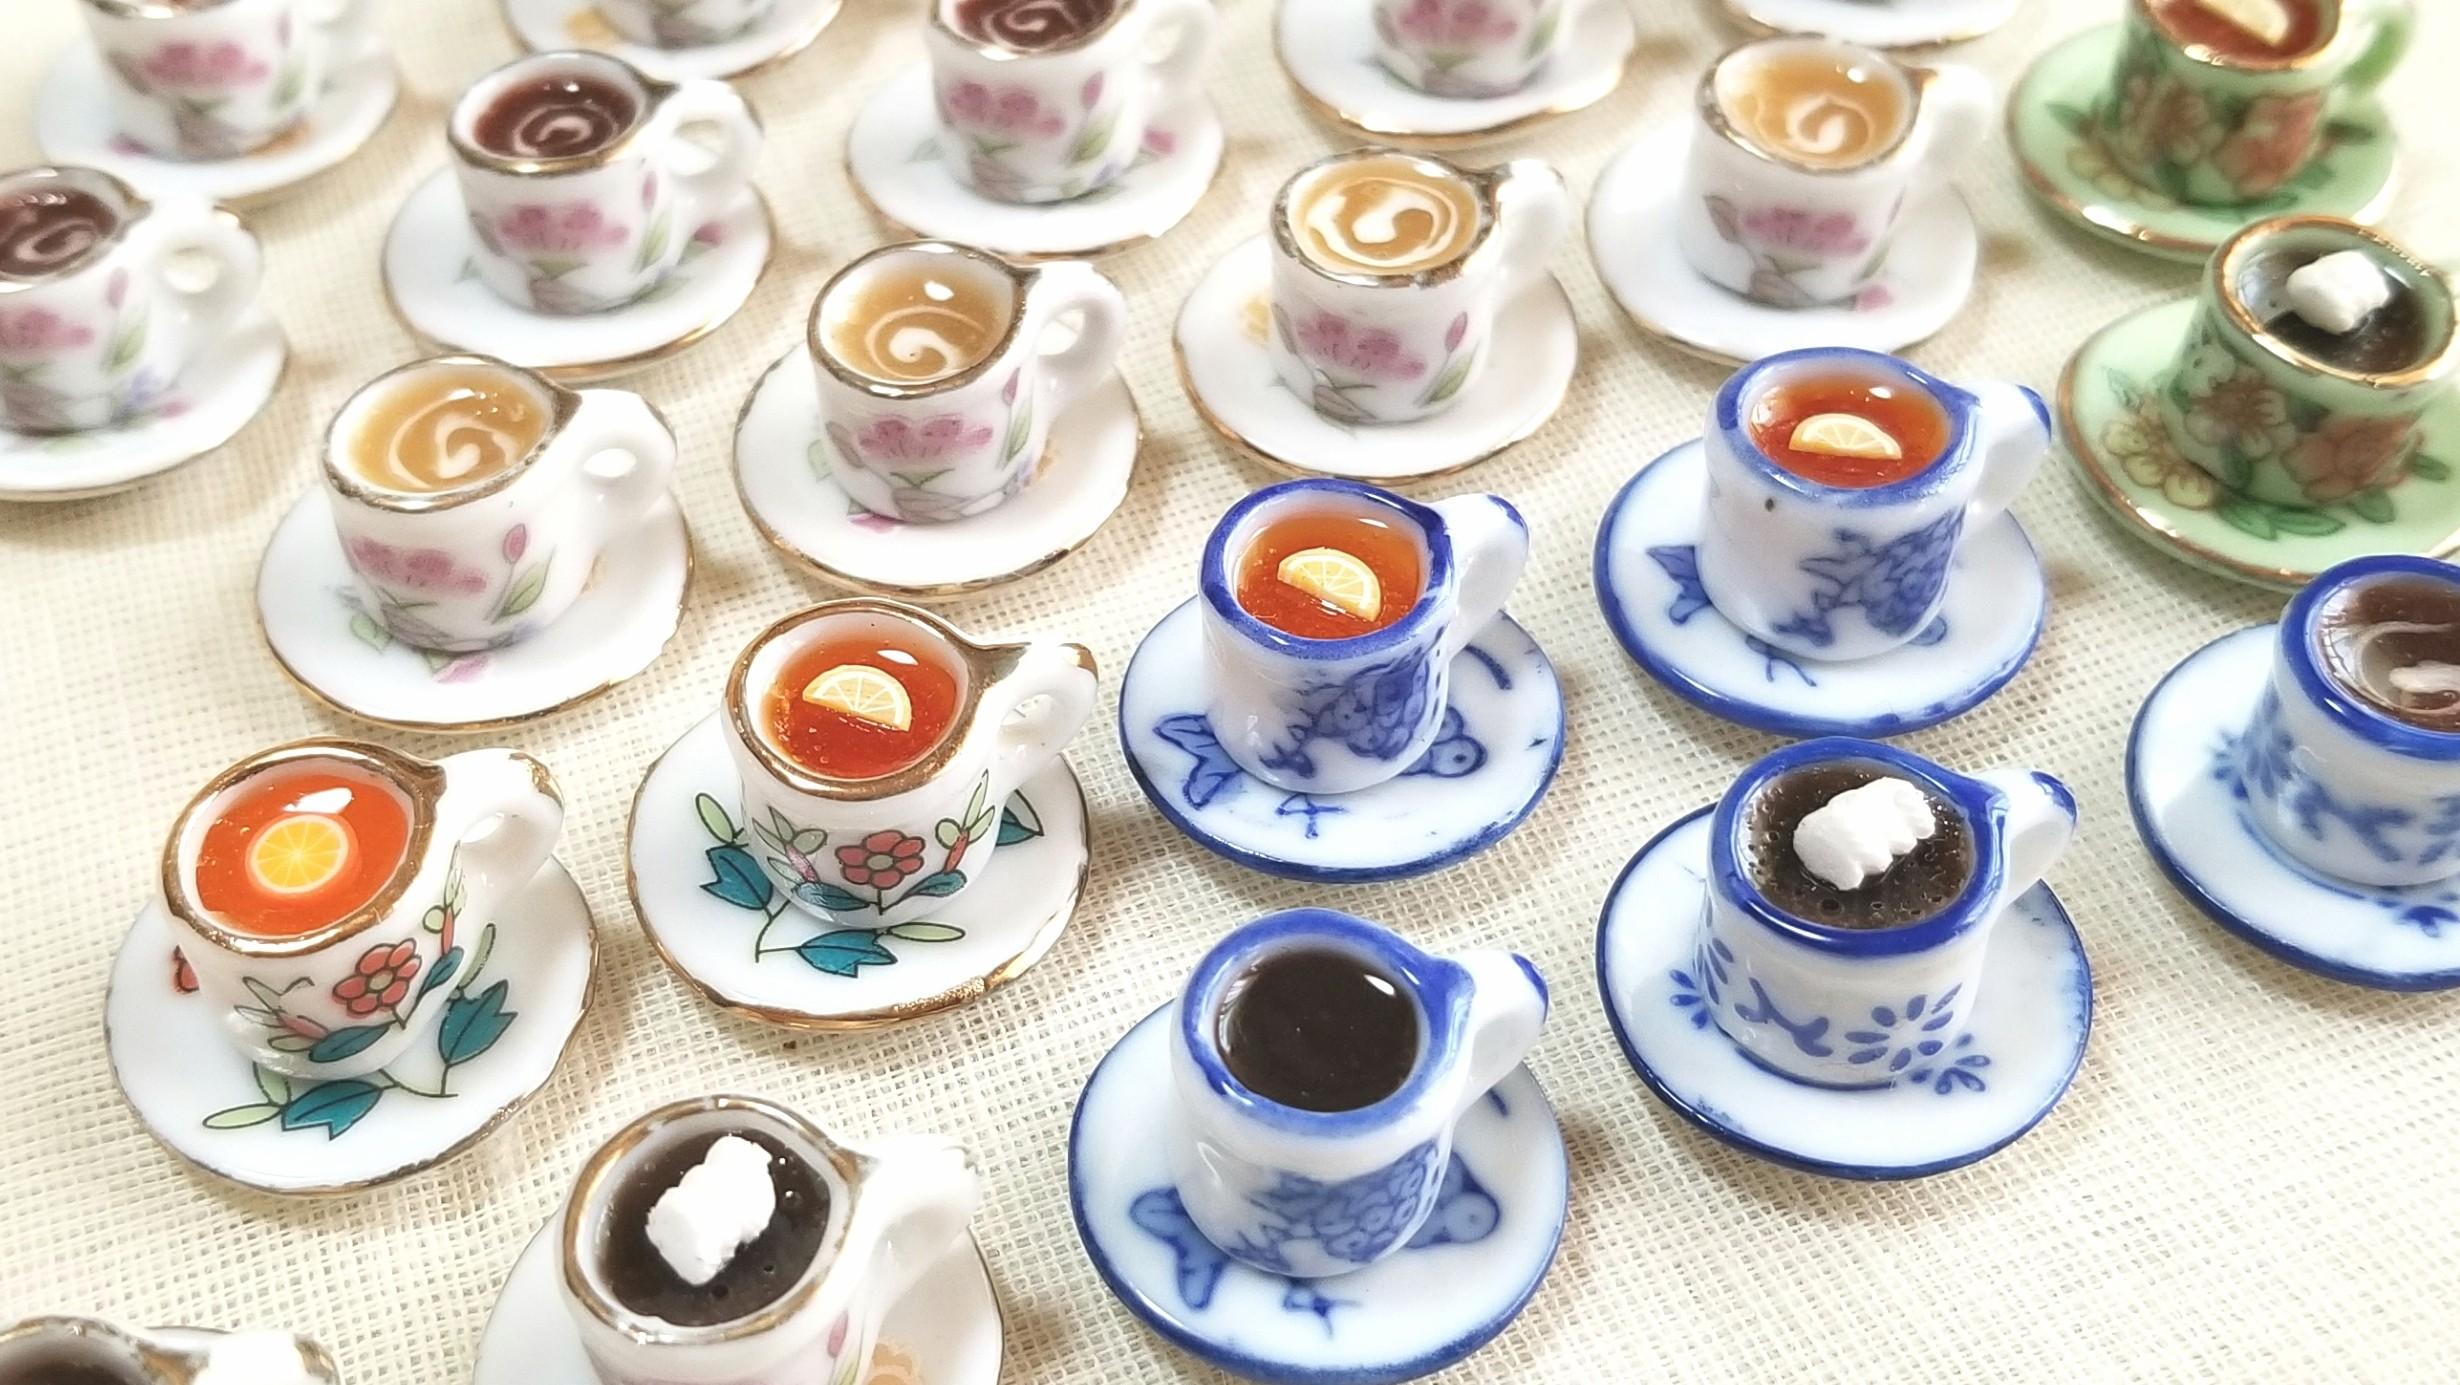 ミニチュアフード,陶器,カップ,レモンティー,ミルク,ラテ,コーヒー